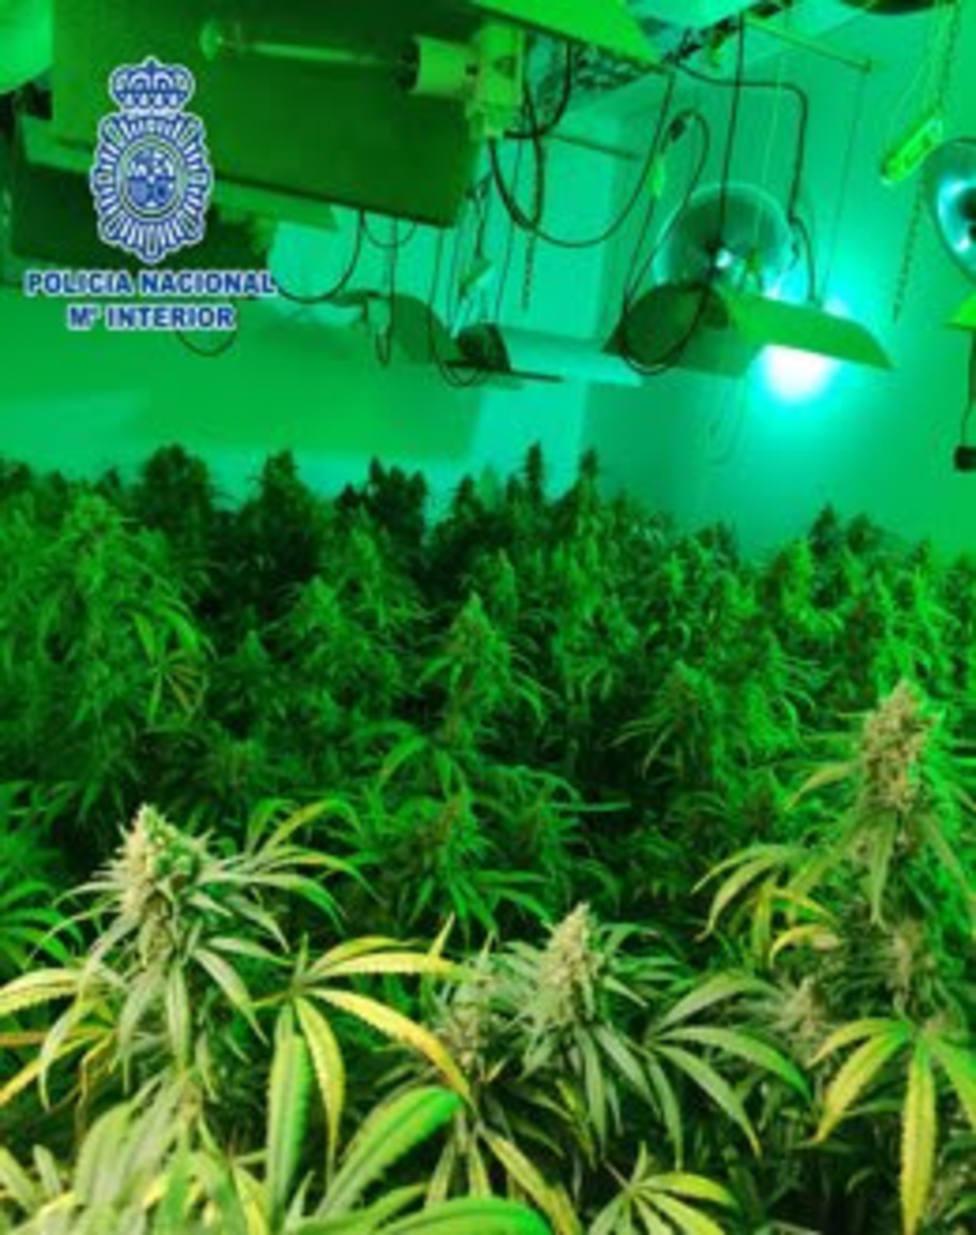 Una de las plantaciones de marihuana.